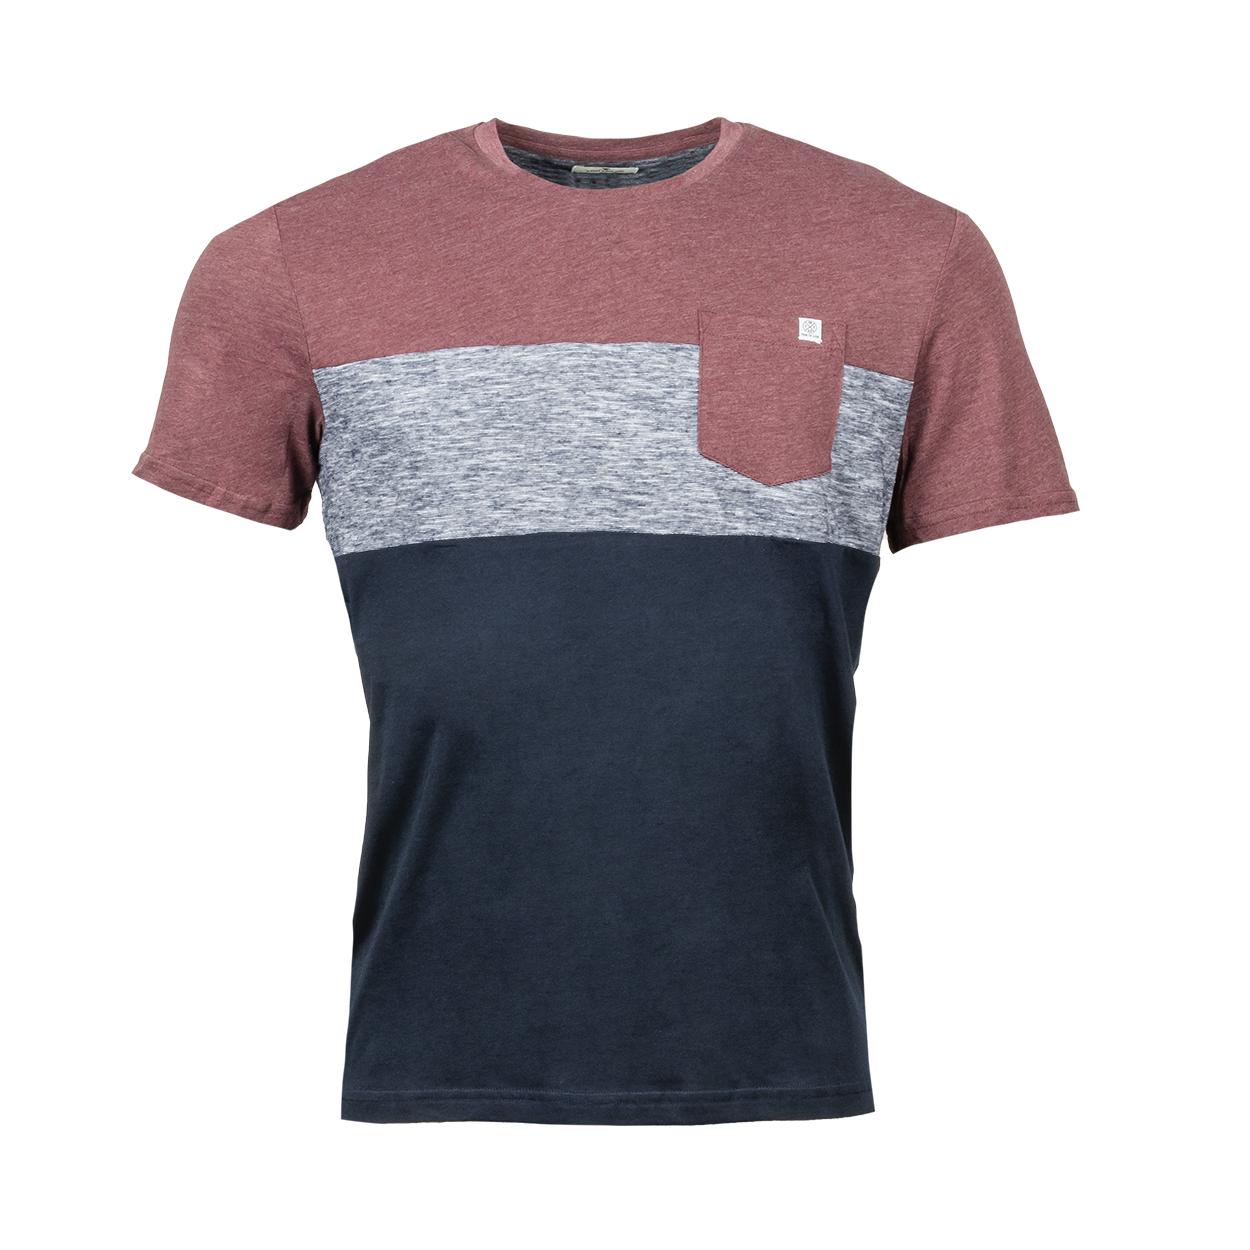 Tee-shirt col rond  en coton mélangé colorblock bordeaux, bleu chiné et bleu marine